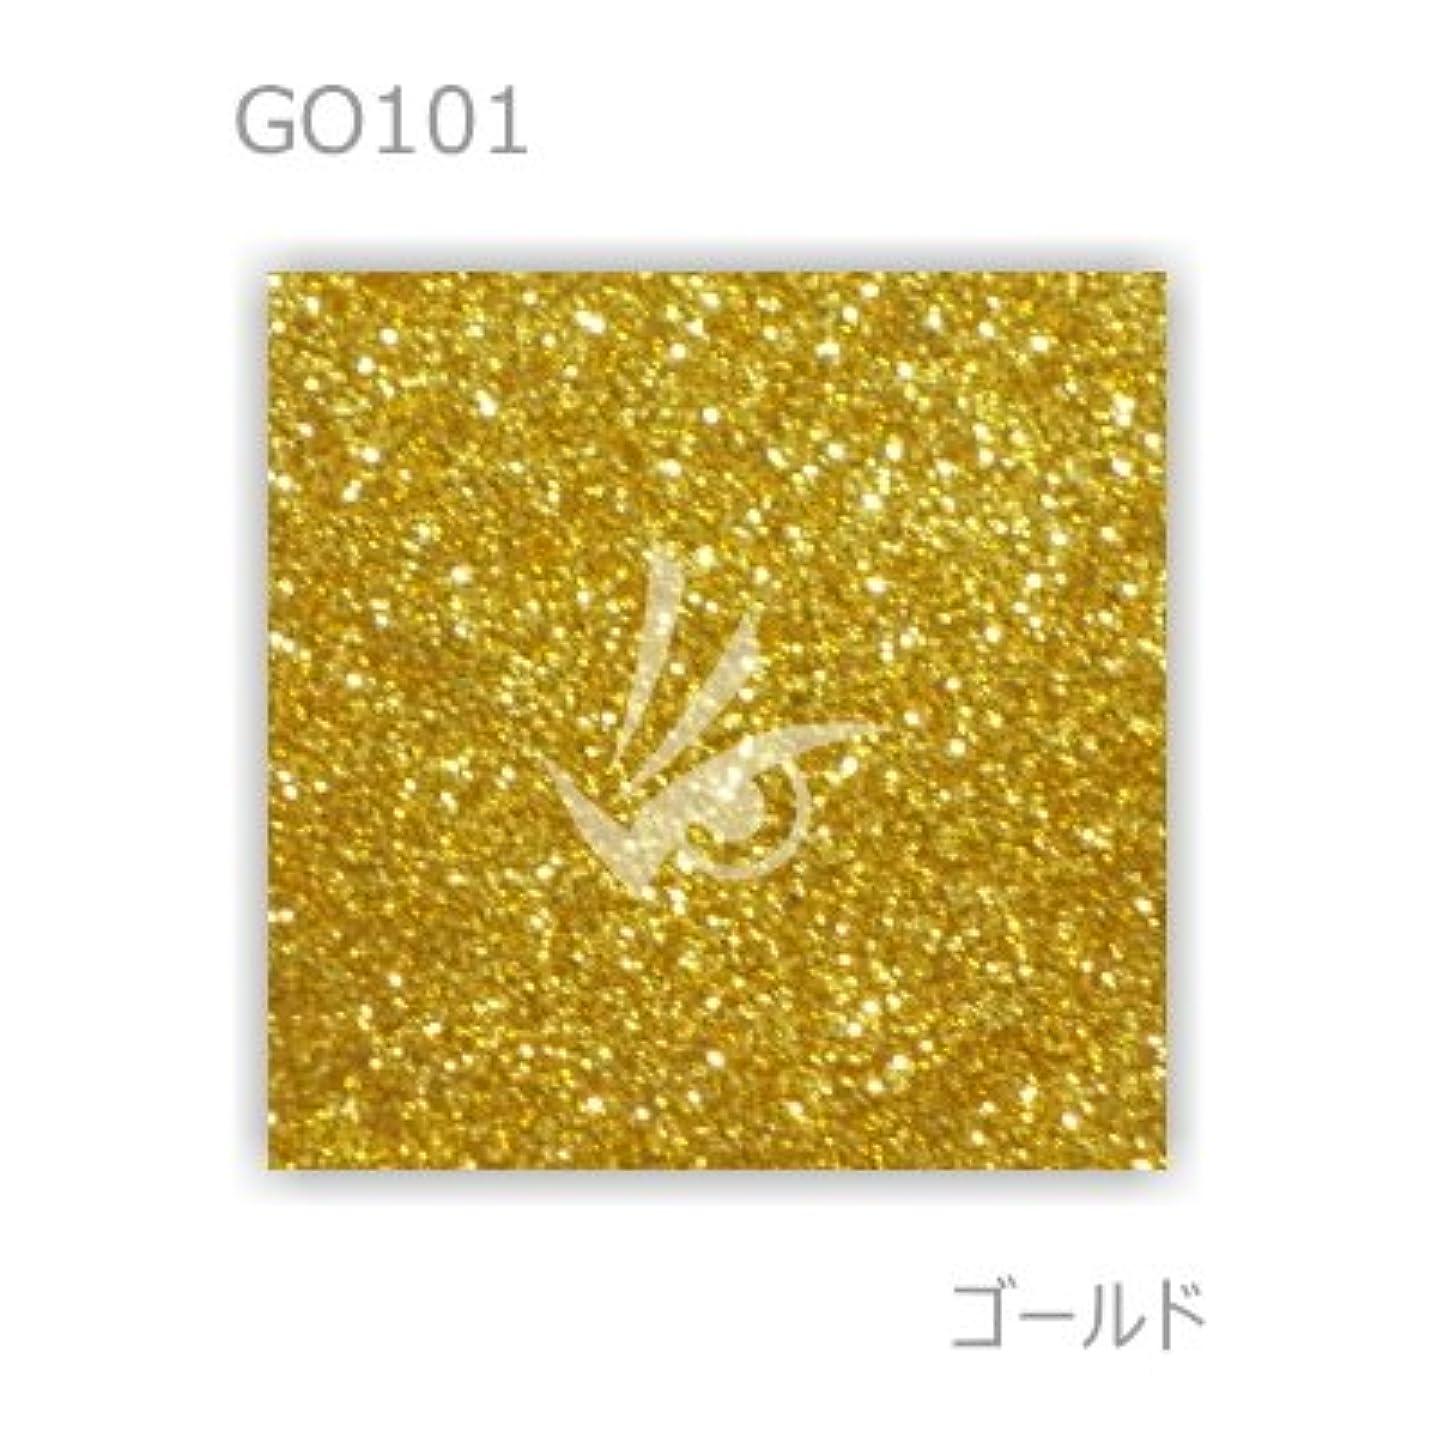 市区町村実質的に鳴り響く業務用 グリッター ラメパウダー ホログラム (ゴールド) (500g) (0.2mm)